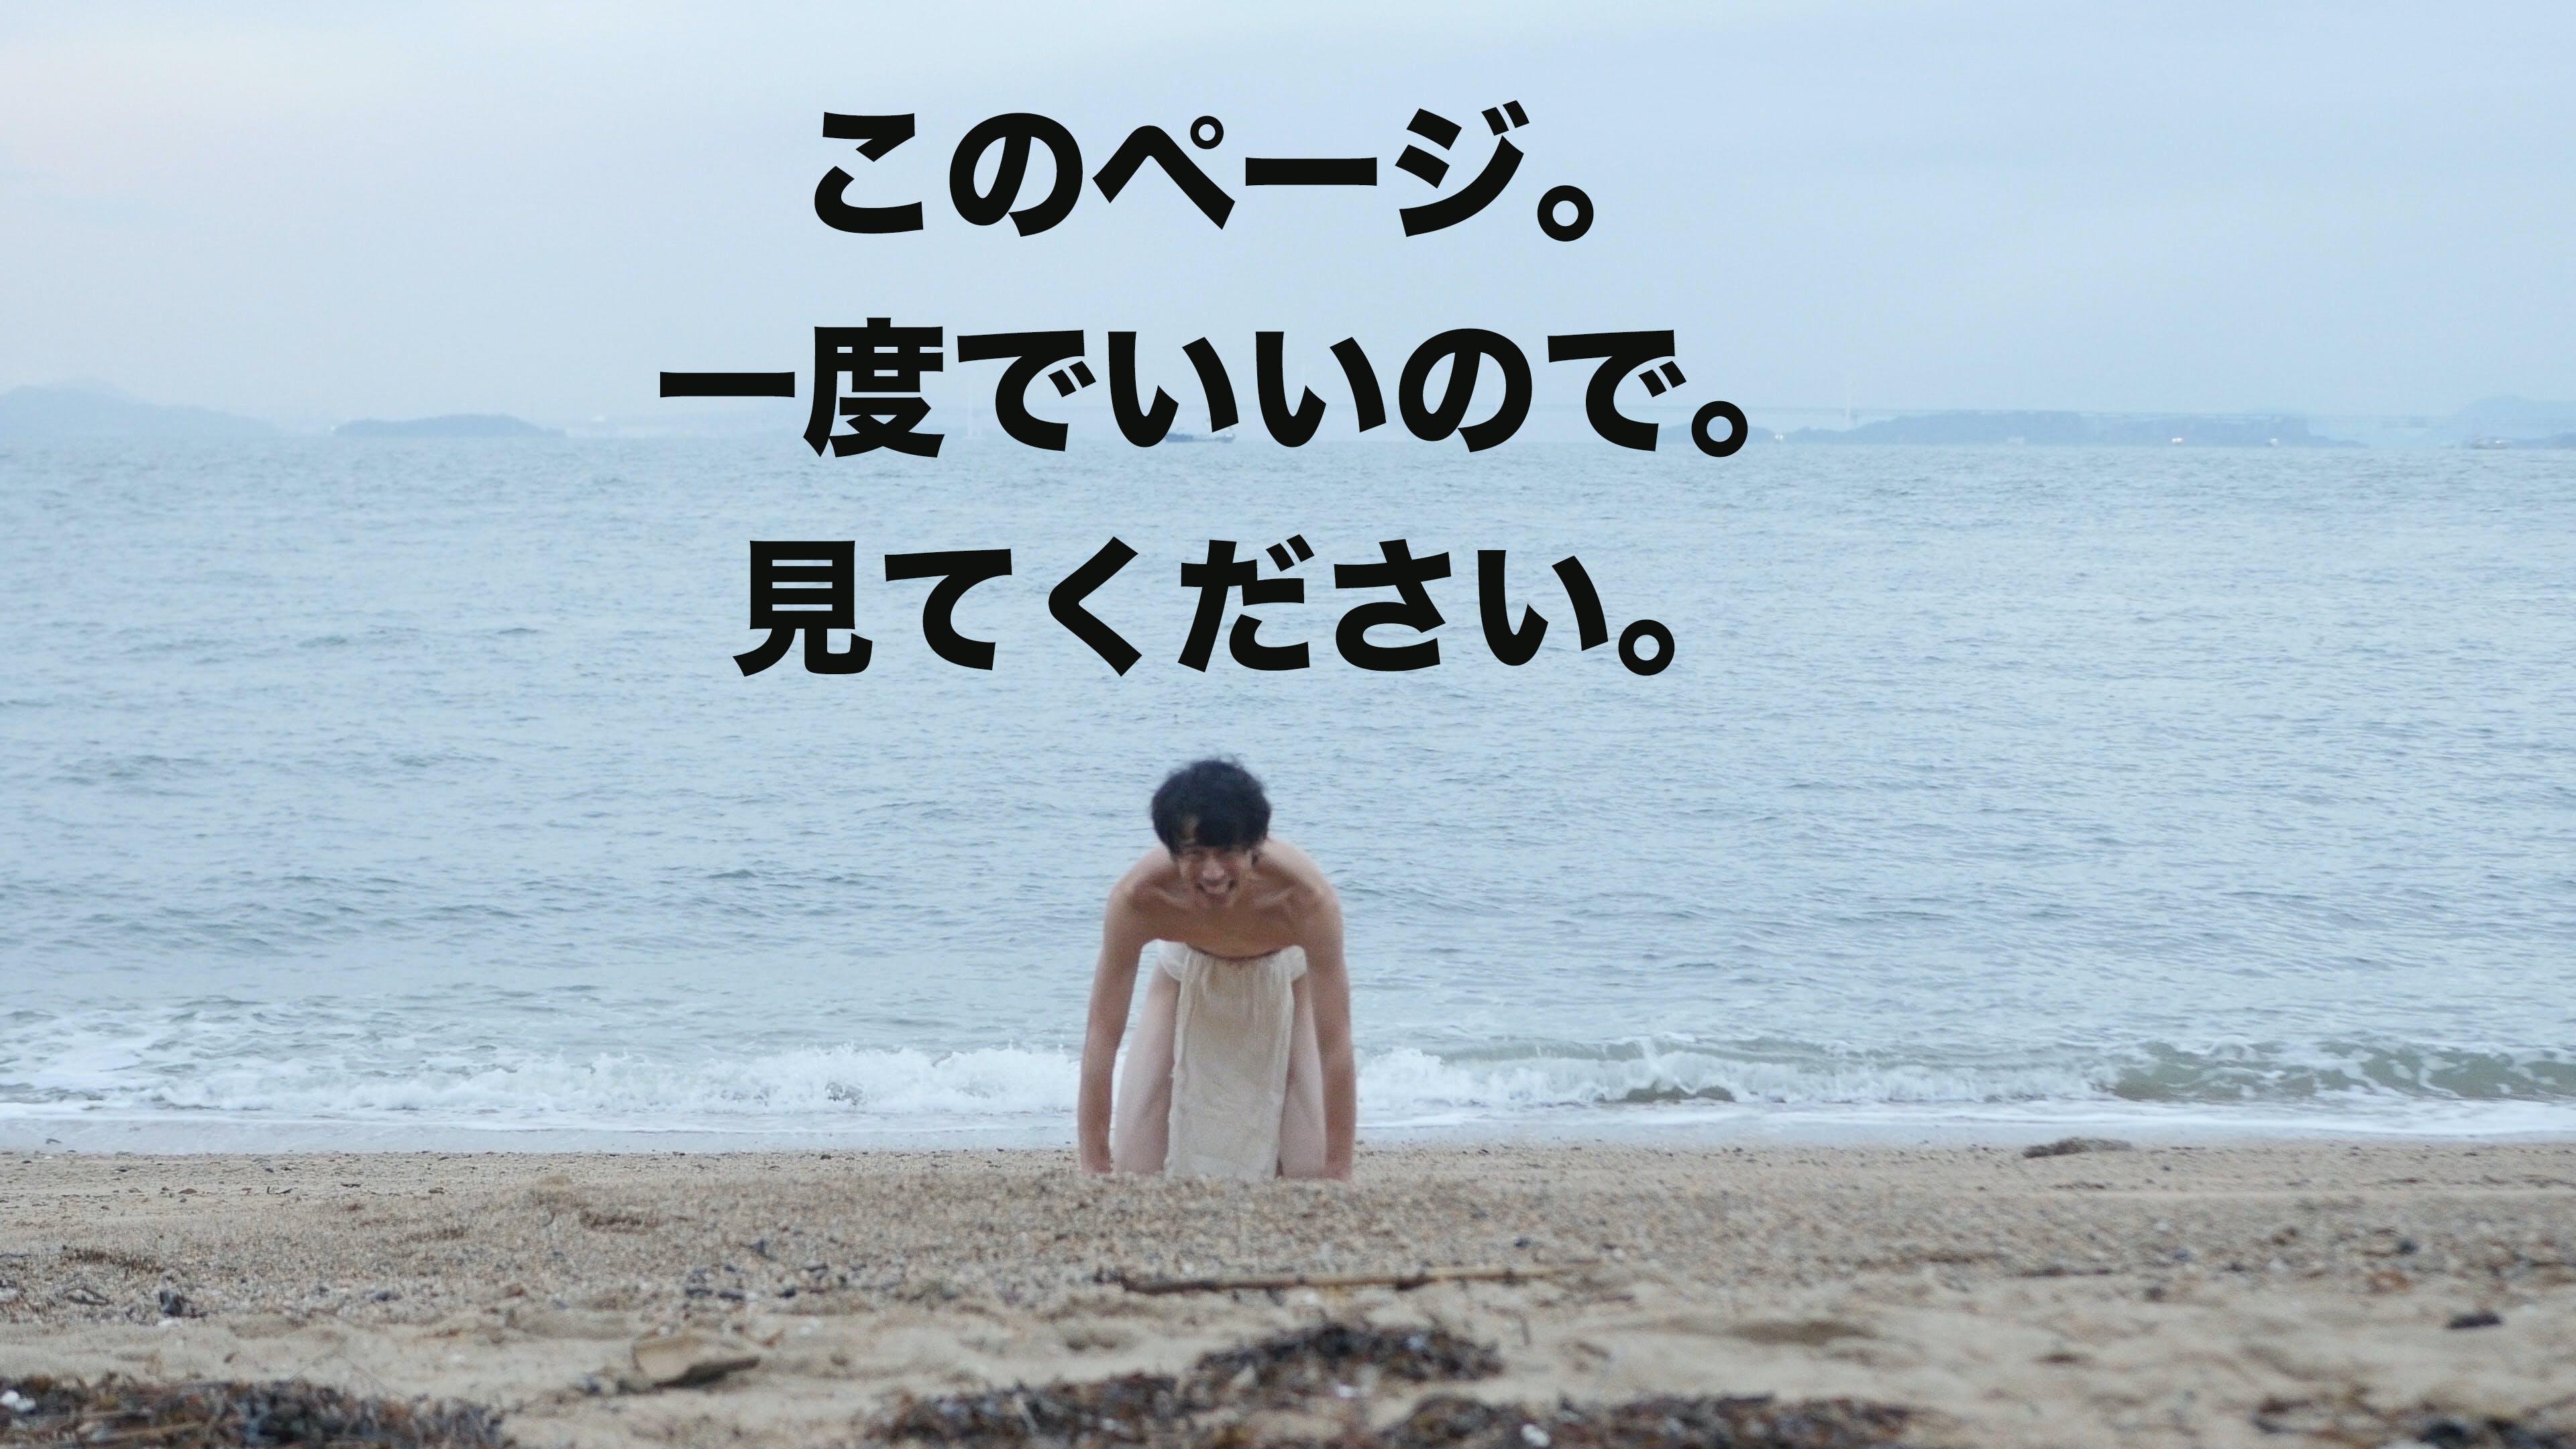 映画を通して岡山を盛り上げたい!!!しかし、、、、